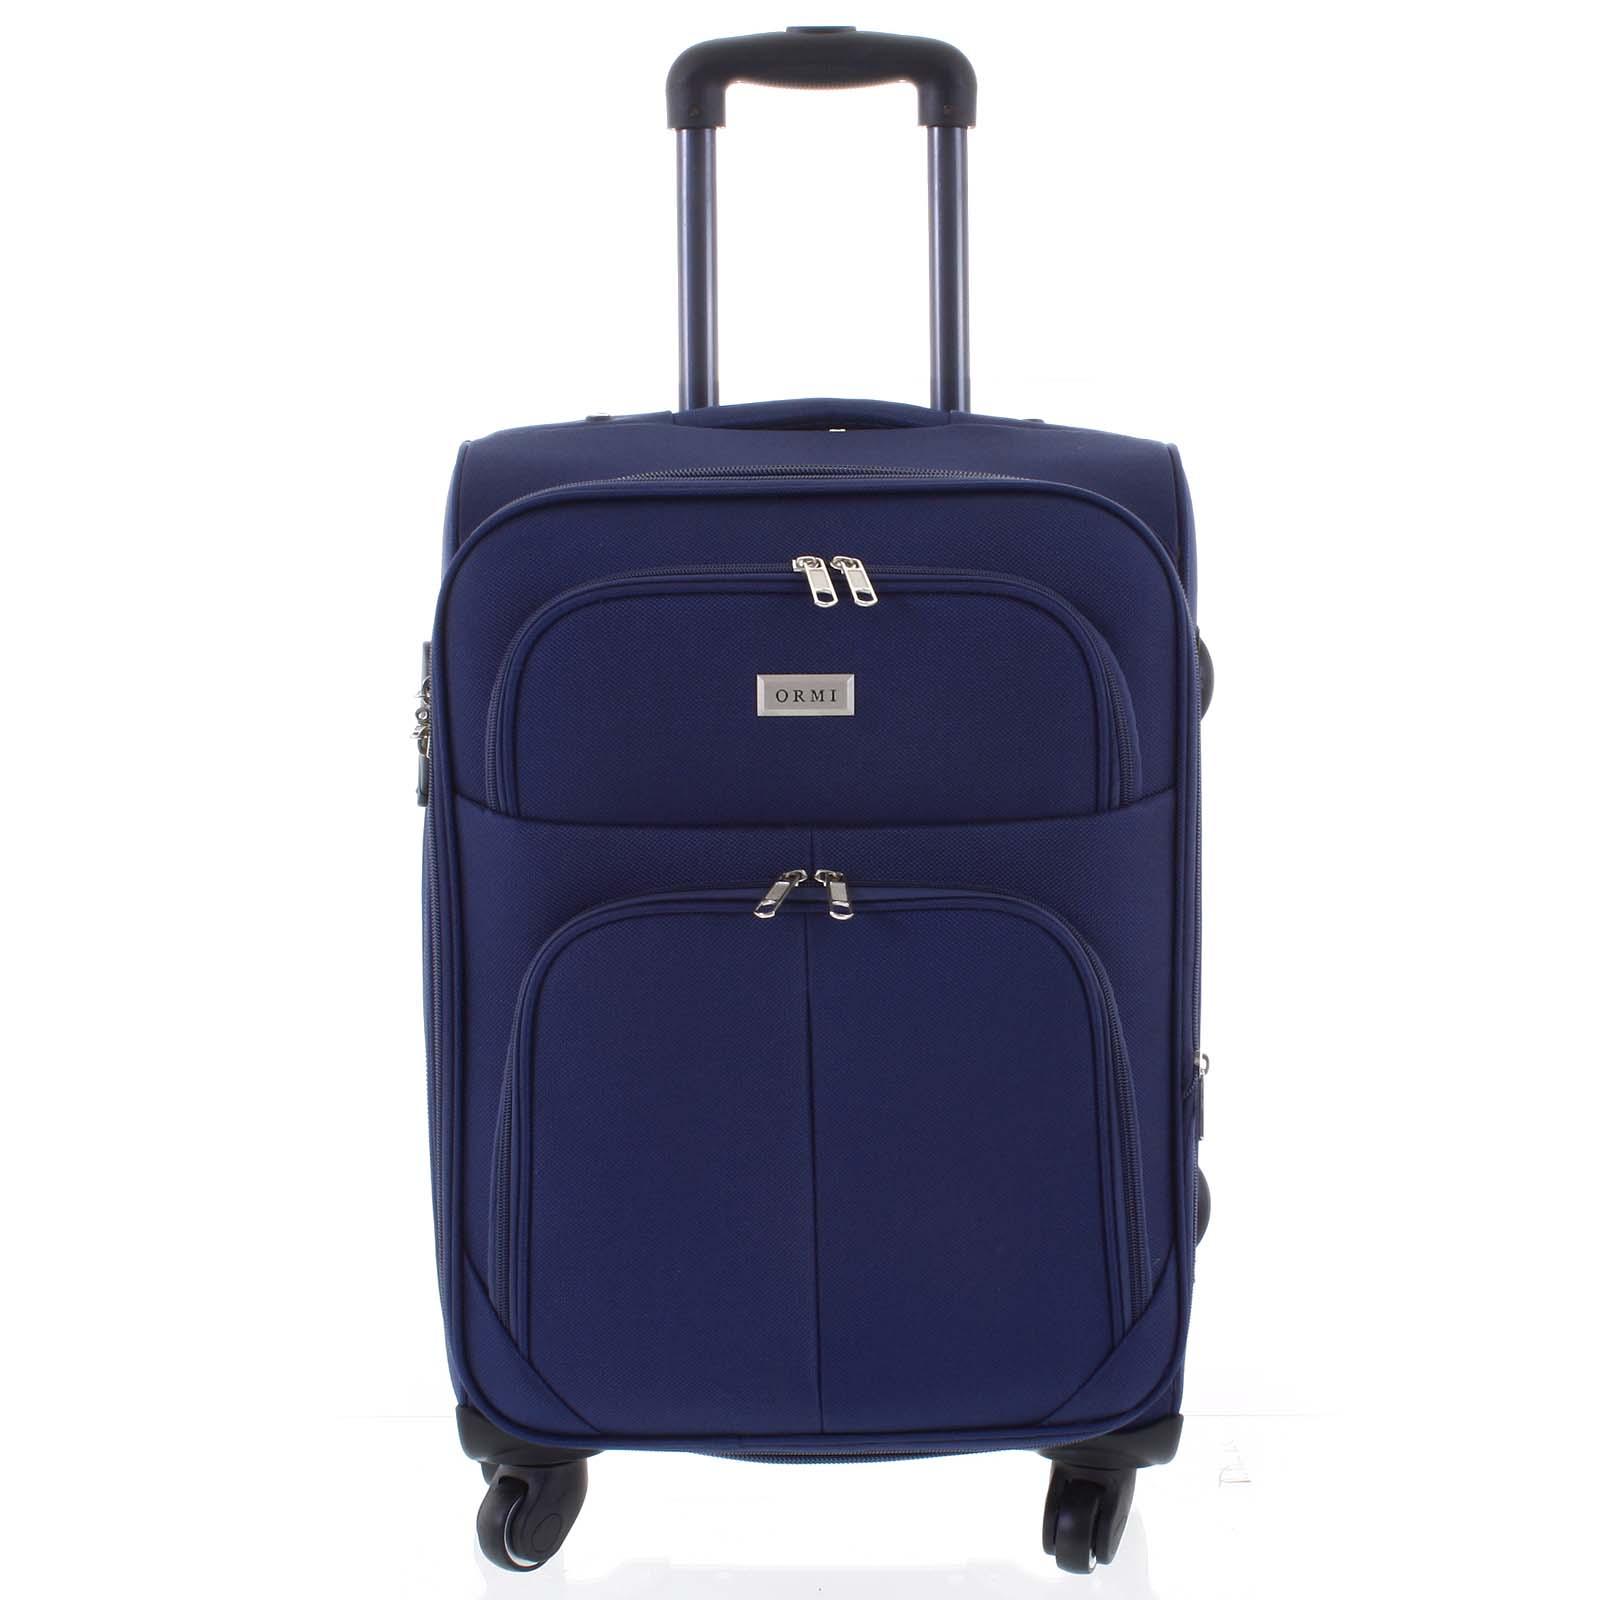 Cestovný kufor modrý - Ormi Tessa M